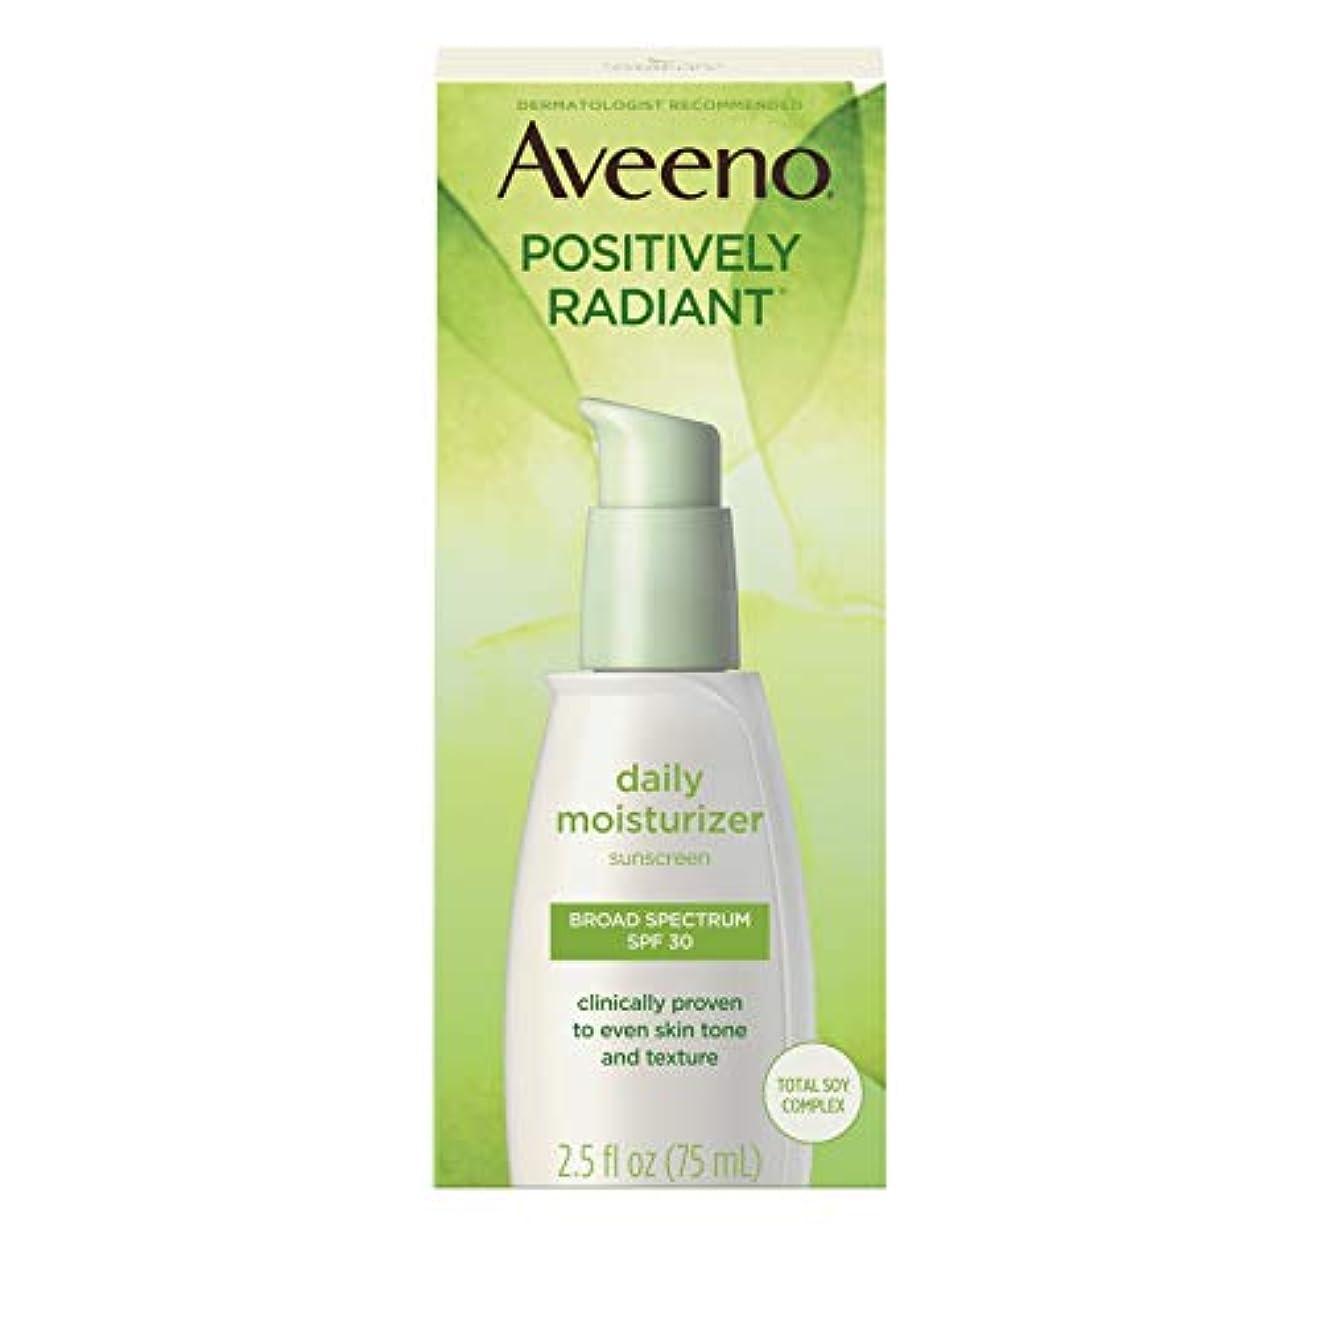 ロープメンタリティ勘違いするAveeno Active Naturals Positively Radiant Daily Moisturizer SPF-30 UVA/UVB Sunscreen 73 ml